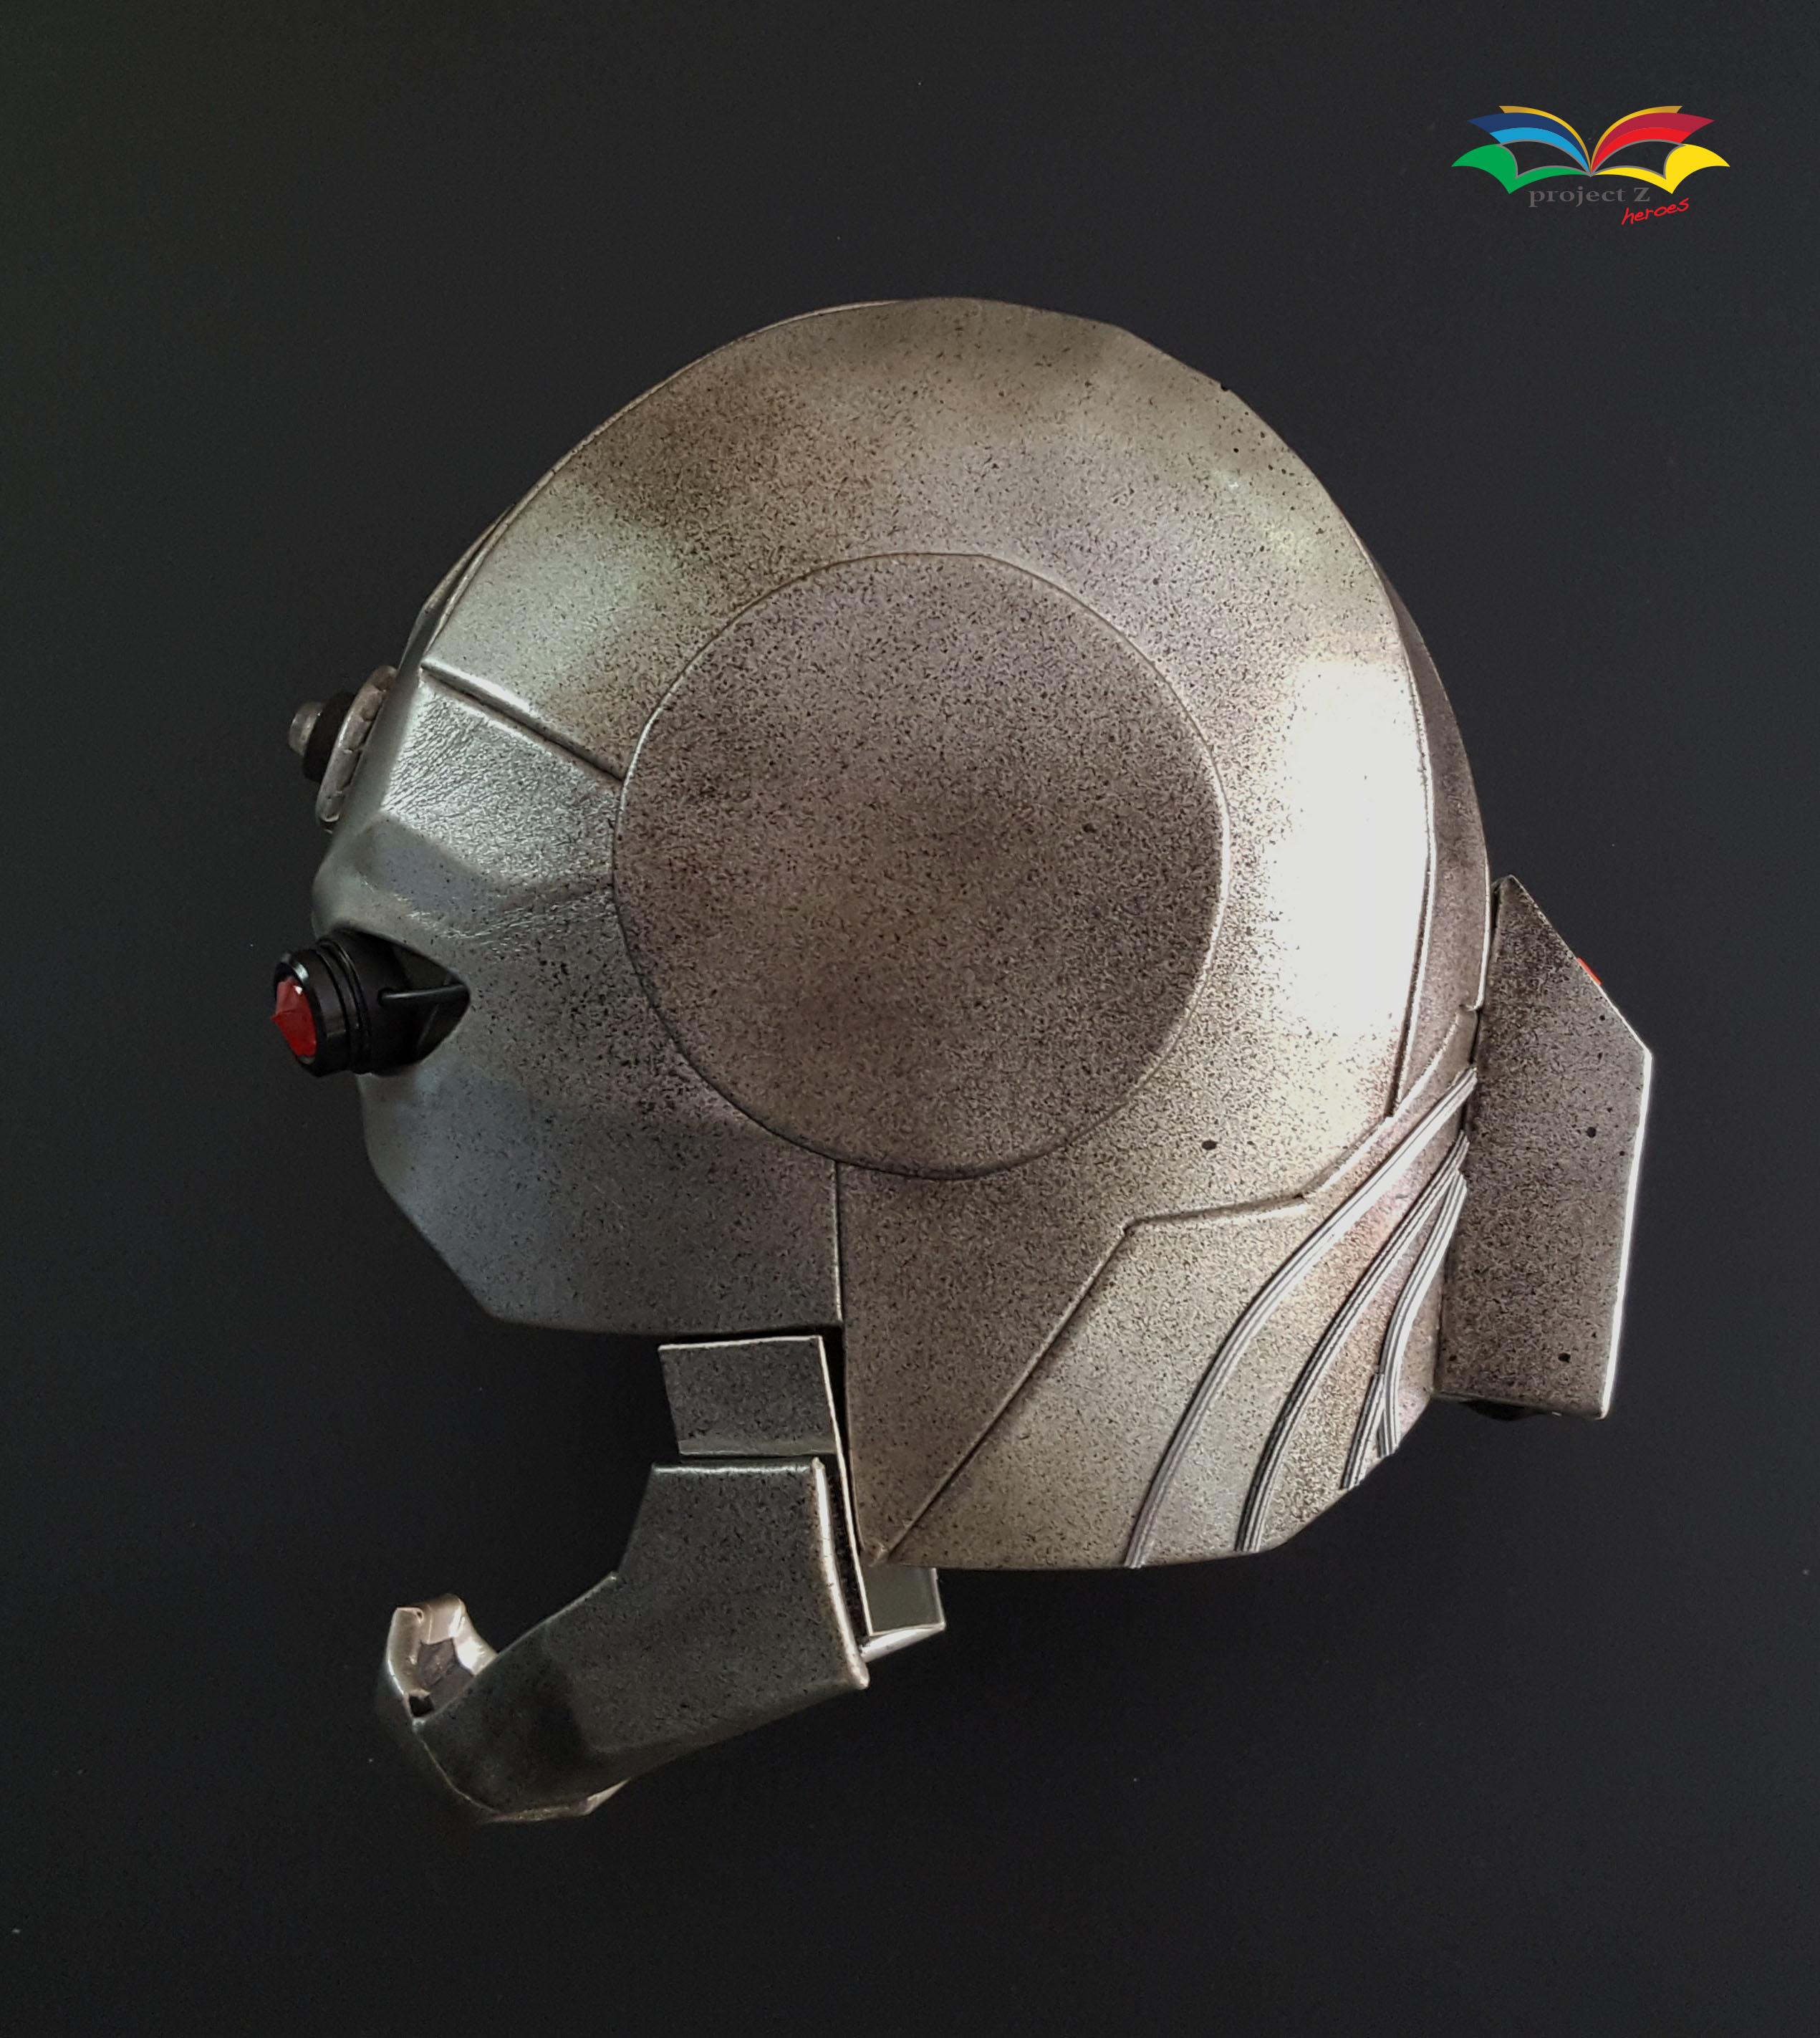 ชุดซุปเปอร์ฮีโร่ superhero costume Cybor